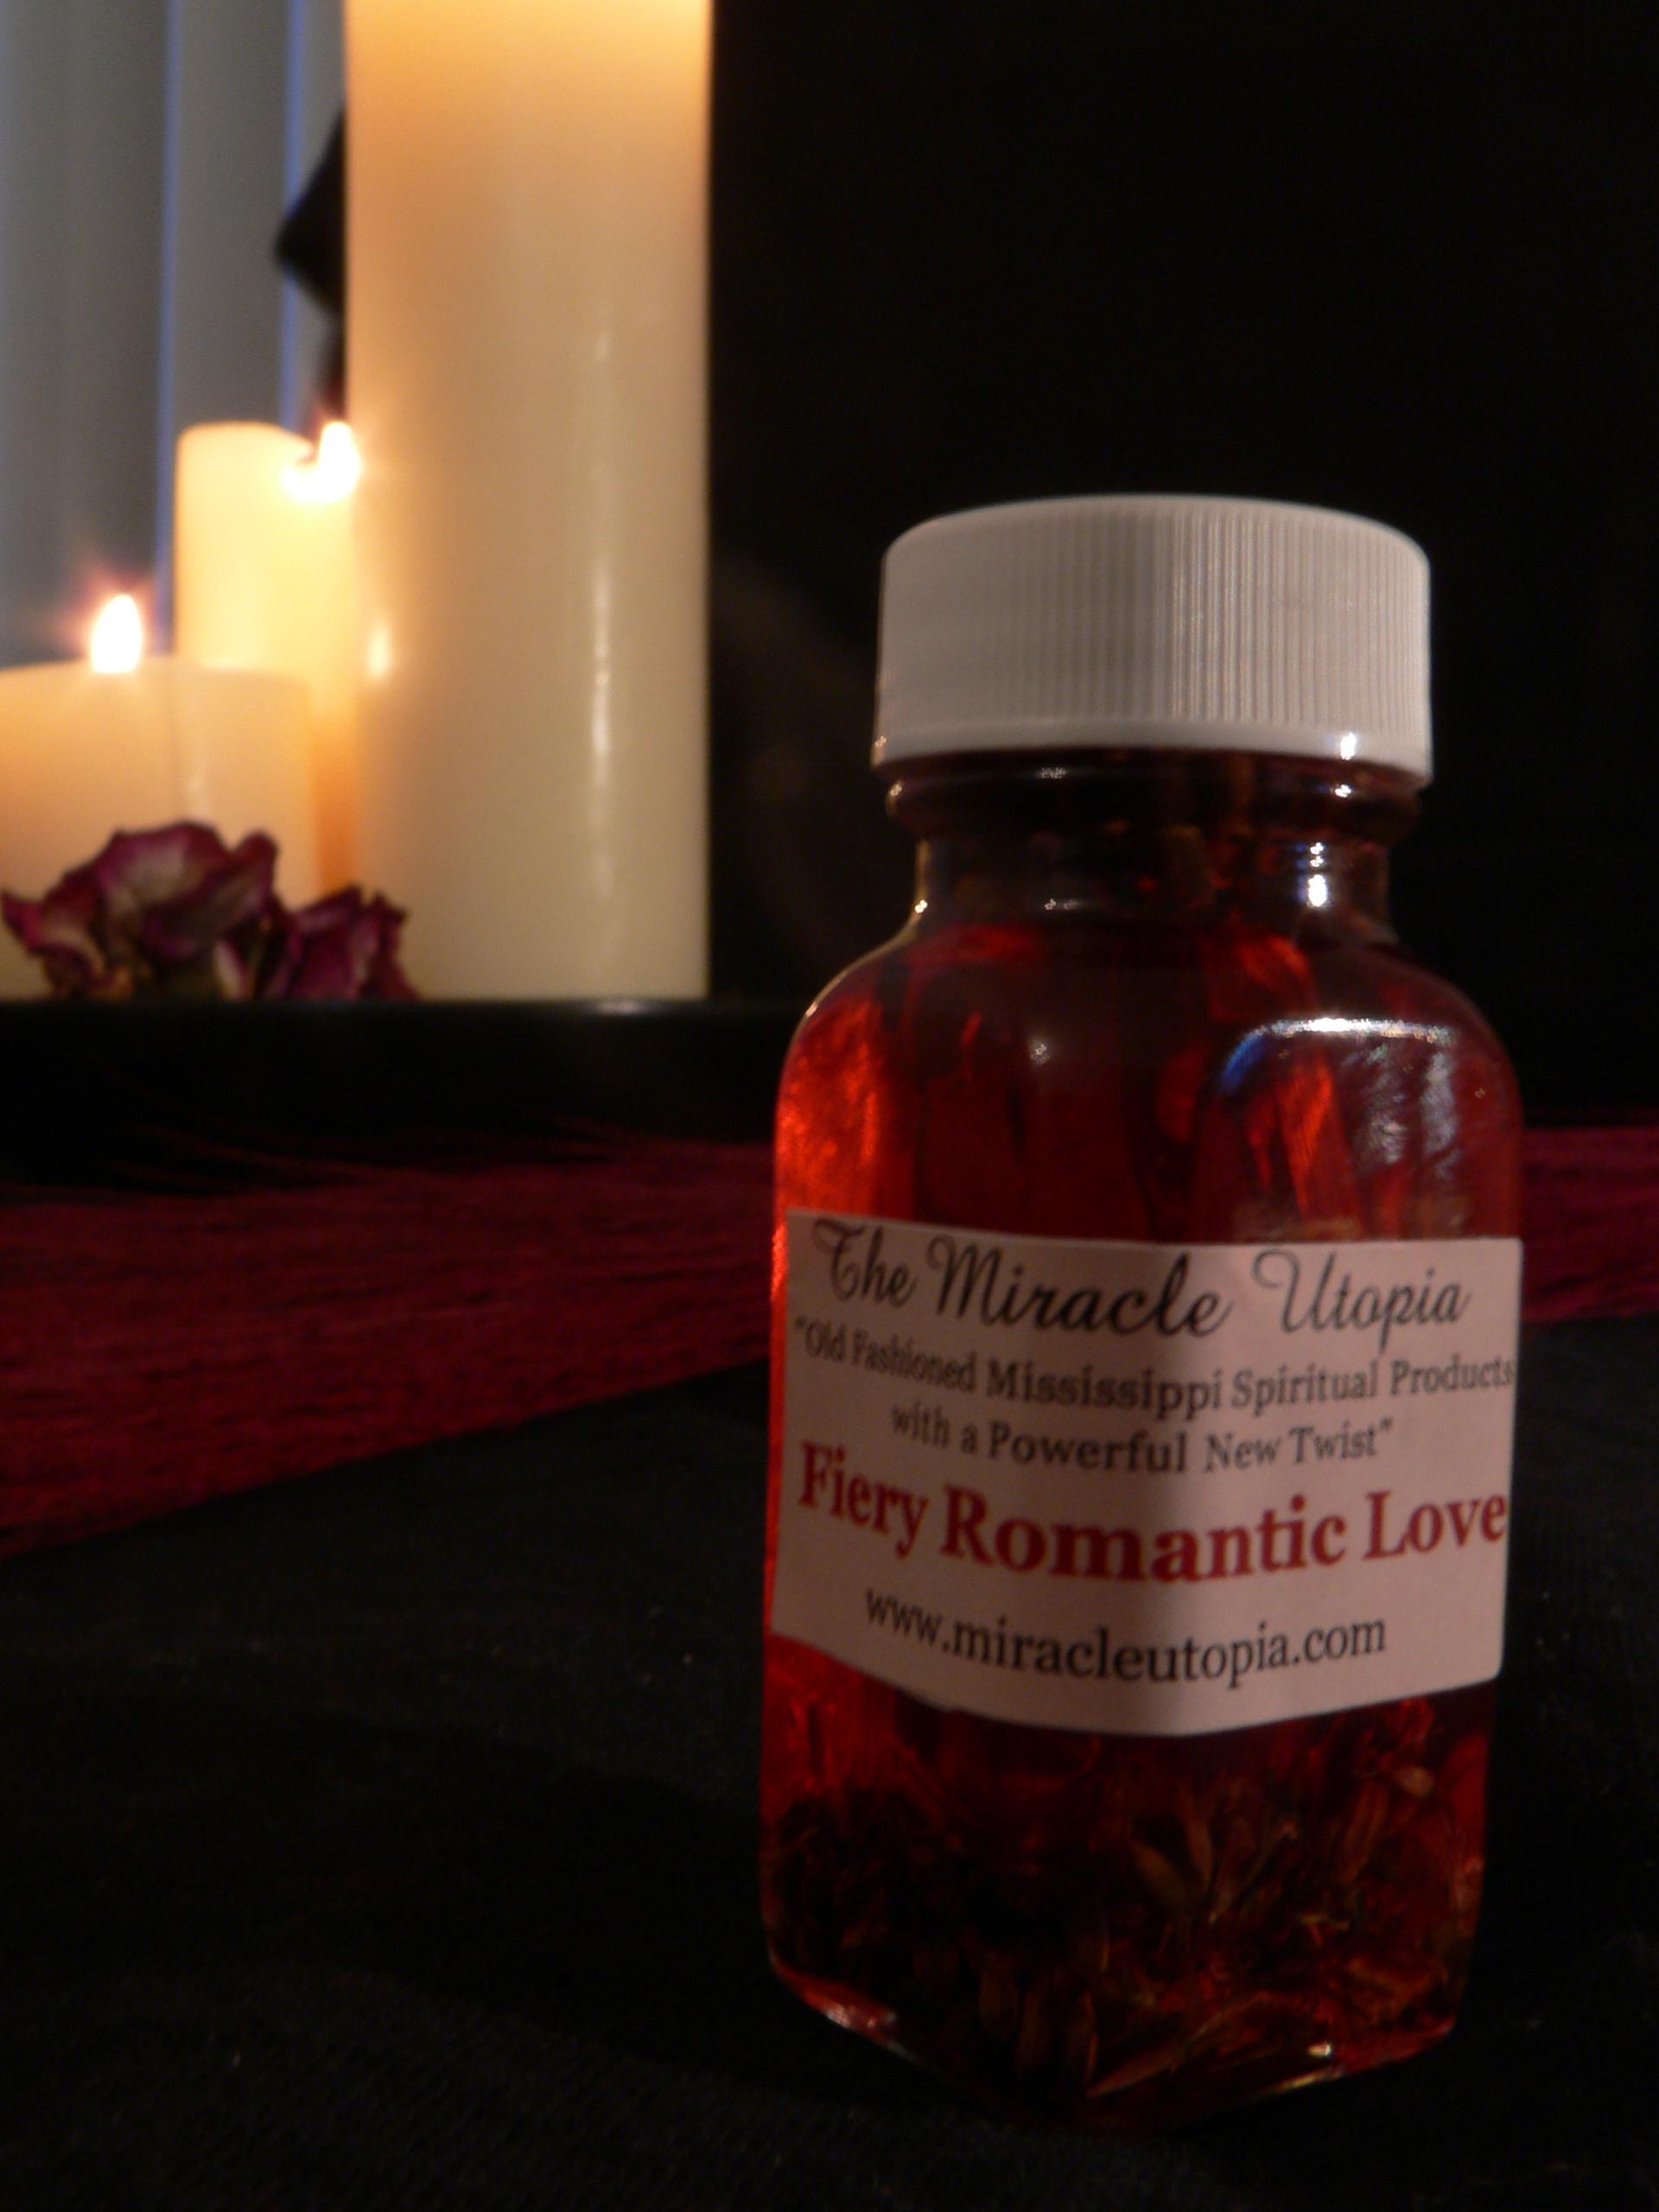 Miracleutopia com Spiritual Christian Magic Hoodoo Voodoo Oils and